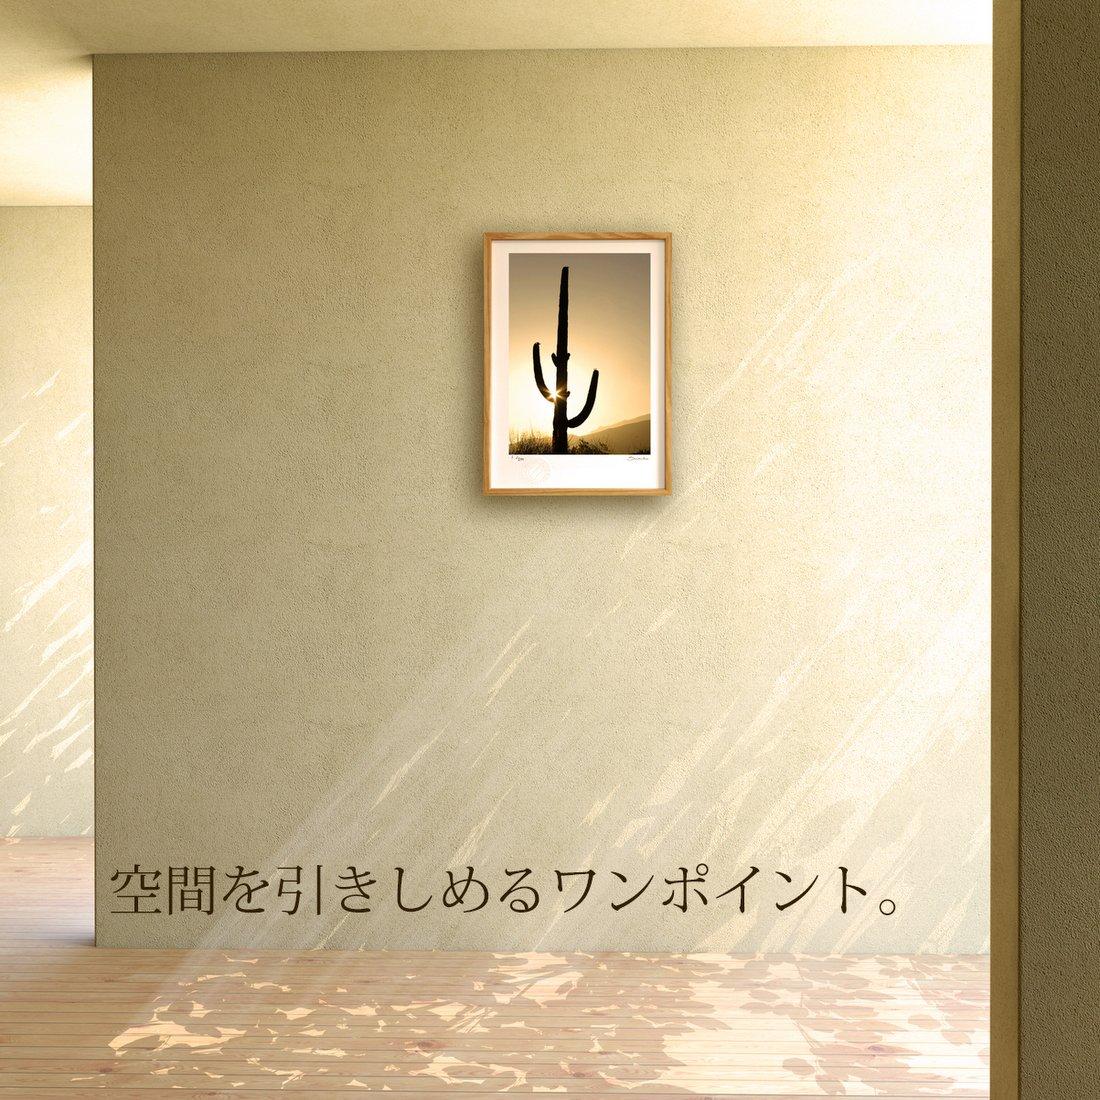 【版画 絵画】夕焼けとパームツリー(スミコ スコット)/インテリア 壁掛け 額入り アート アートパネル アートフレーム